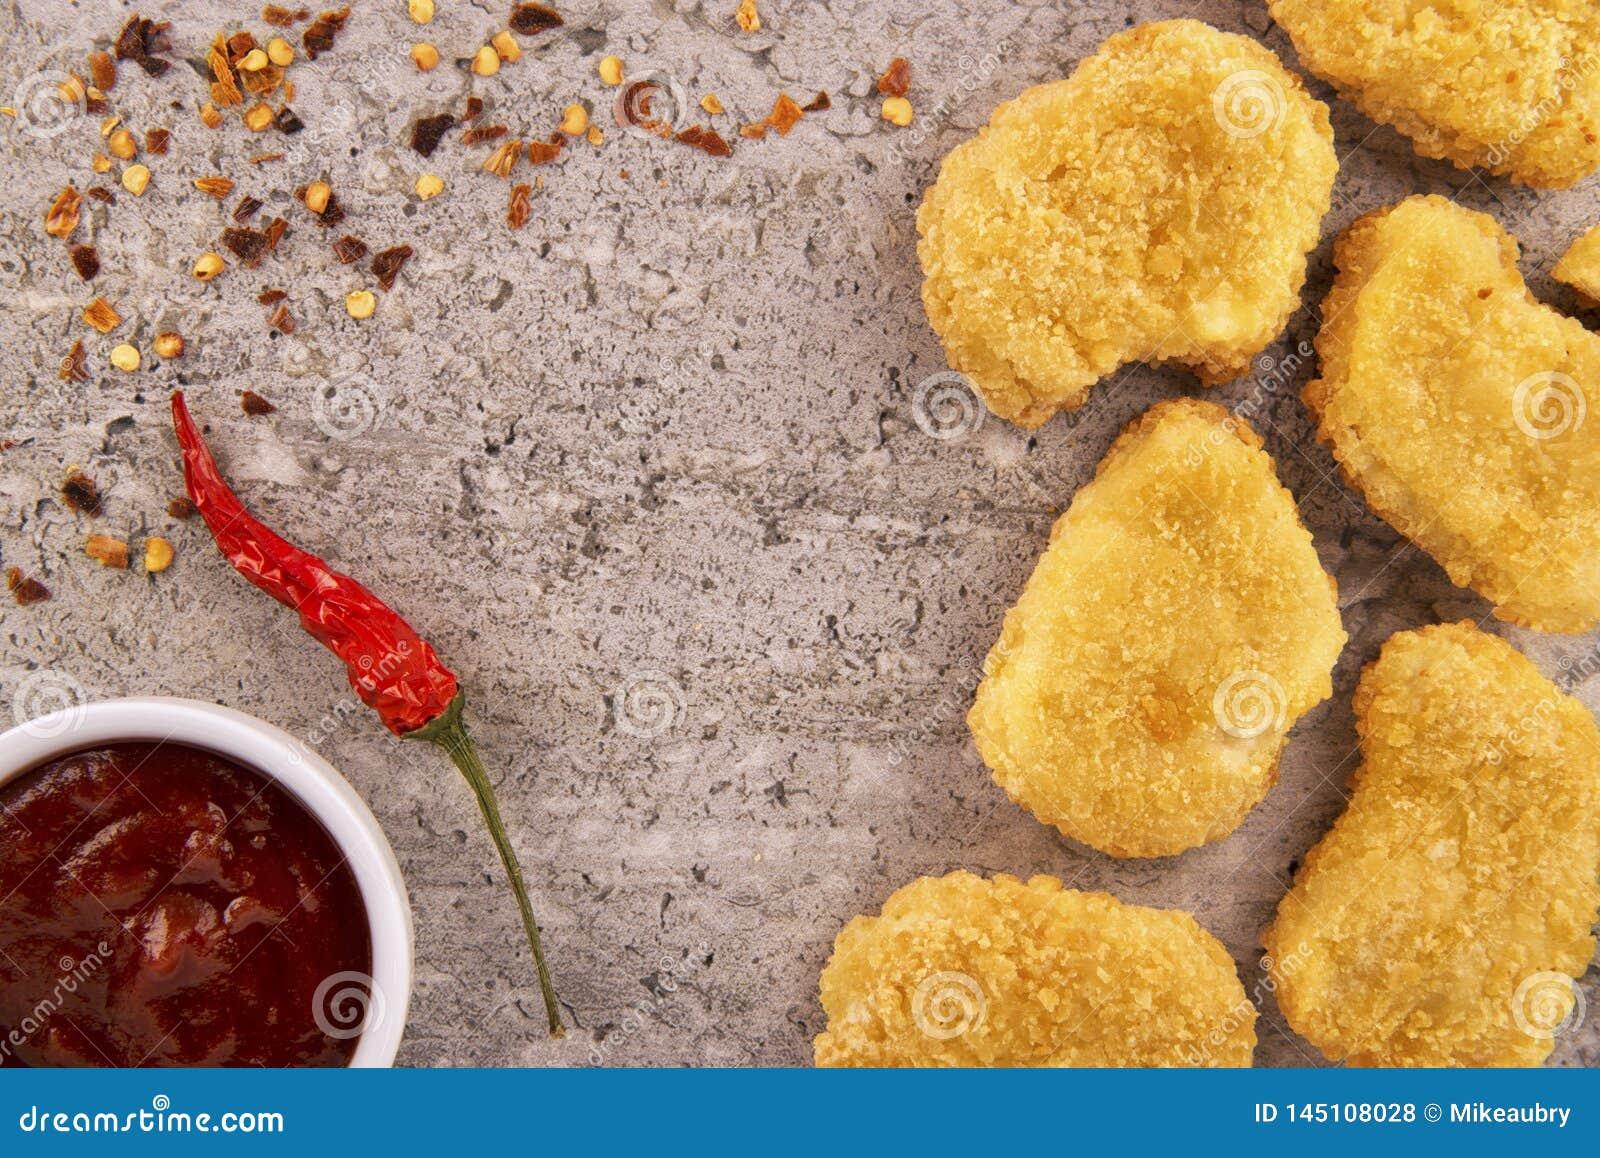 Kurczak bry?ki z gor?cym chili pieprzem i pucharem kumberland